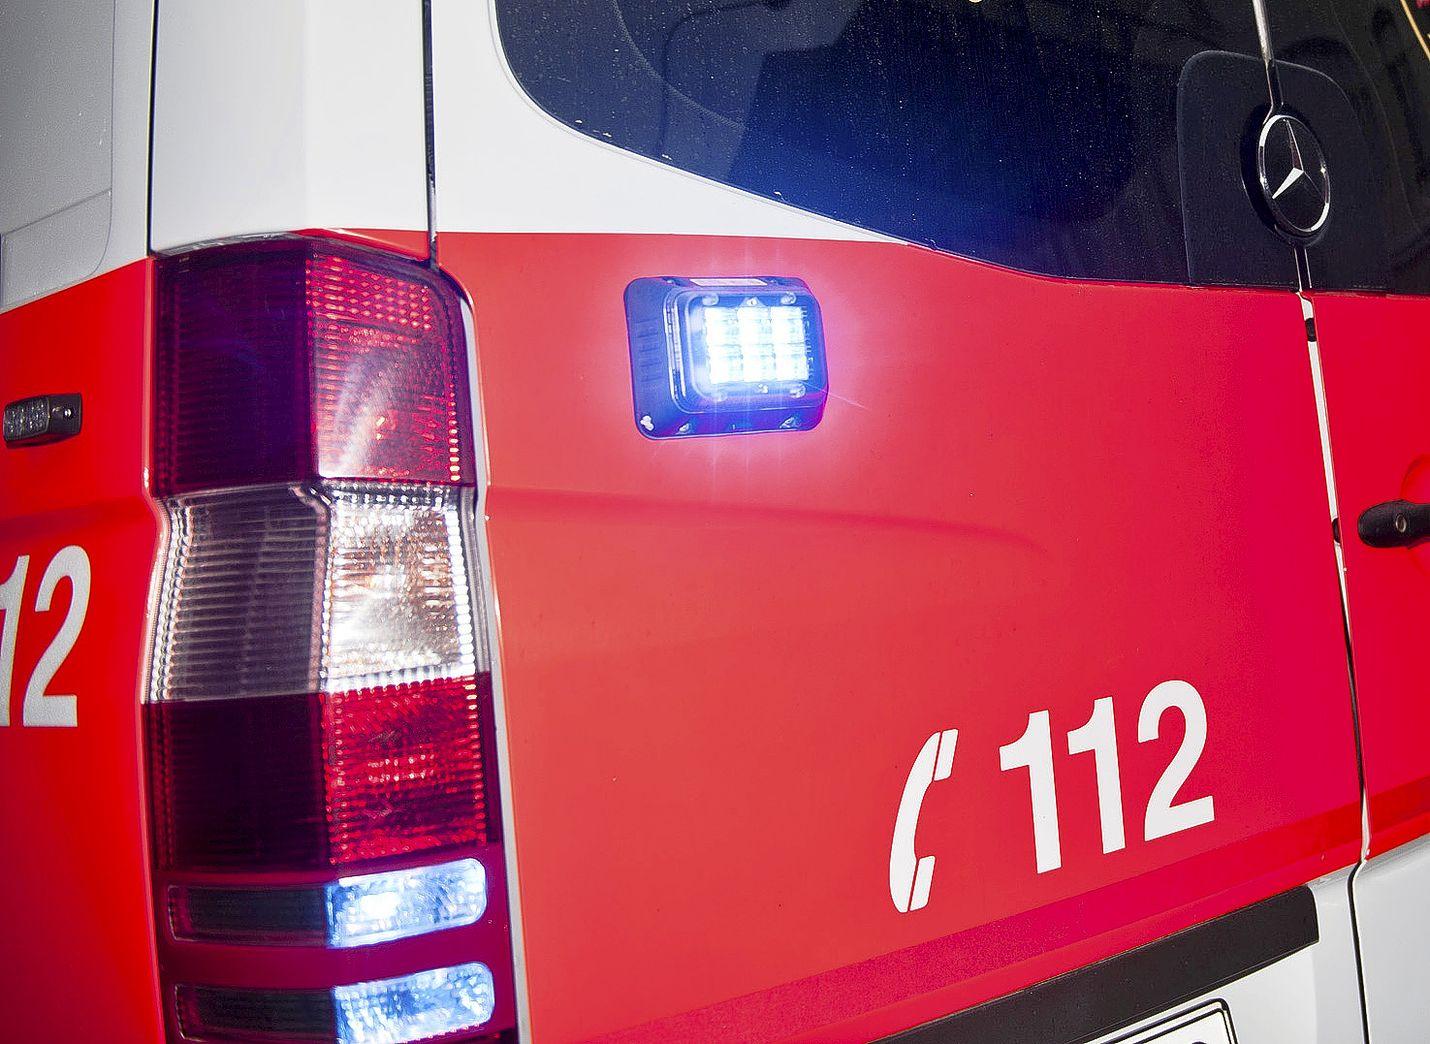 Hätänumero on tarkoitettu kiireellisiä hätätilanteita varten.